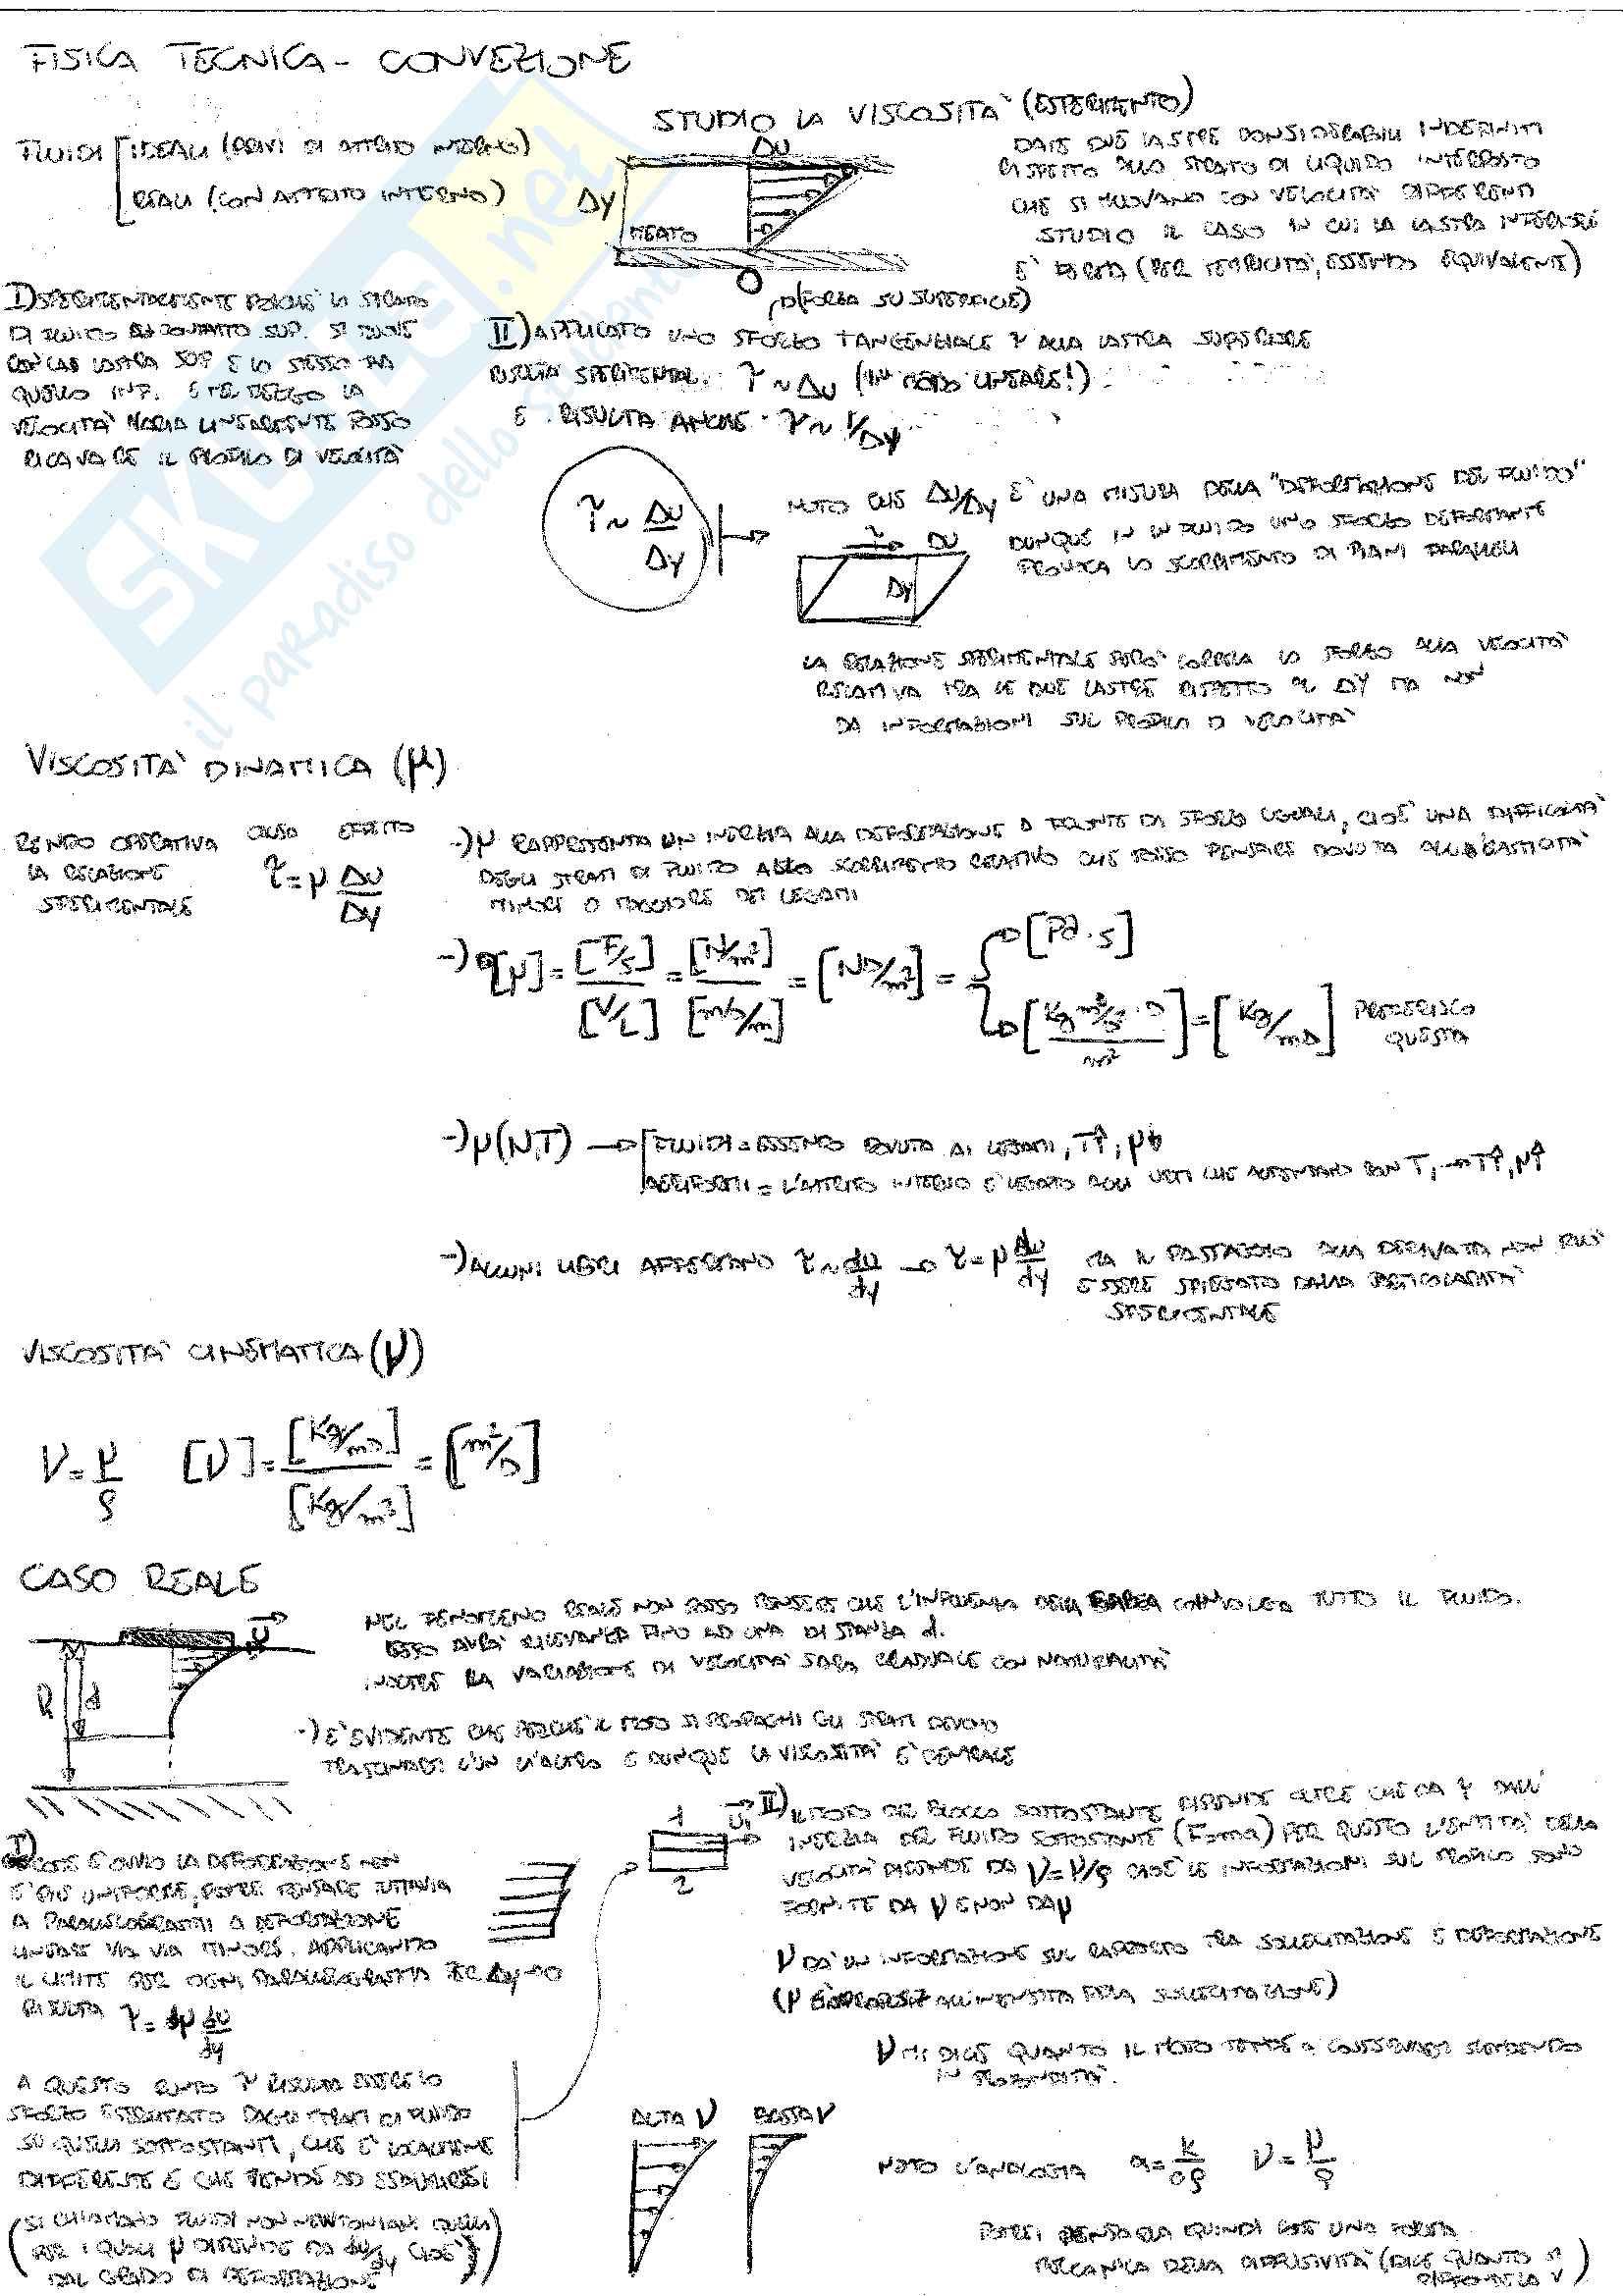 Fisica Tecnica - 02 - Convezione